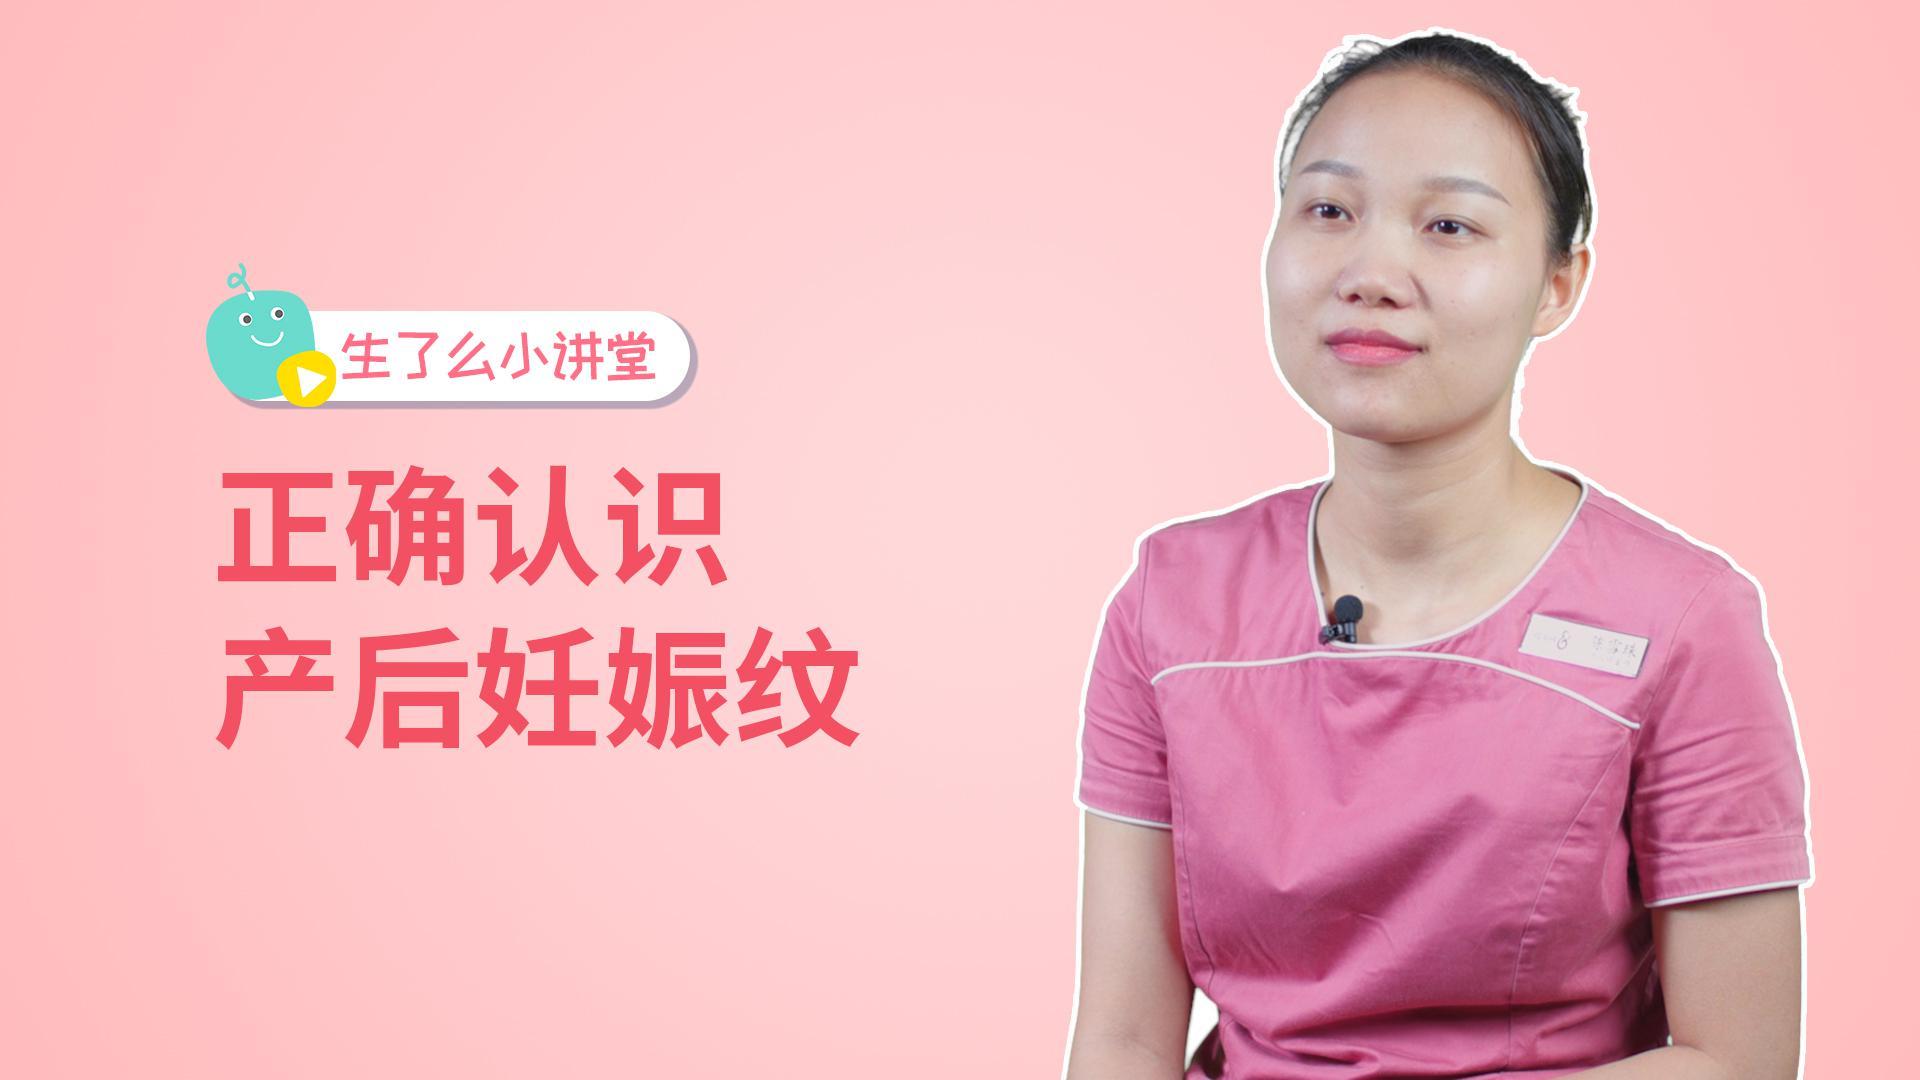 产后妊娠纹可以修复吗? 有了妊娠纹会痒是什么原因?